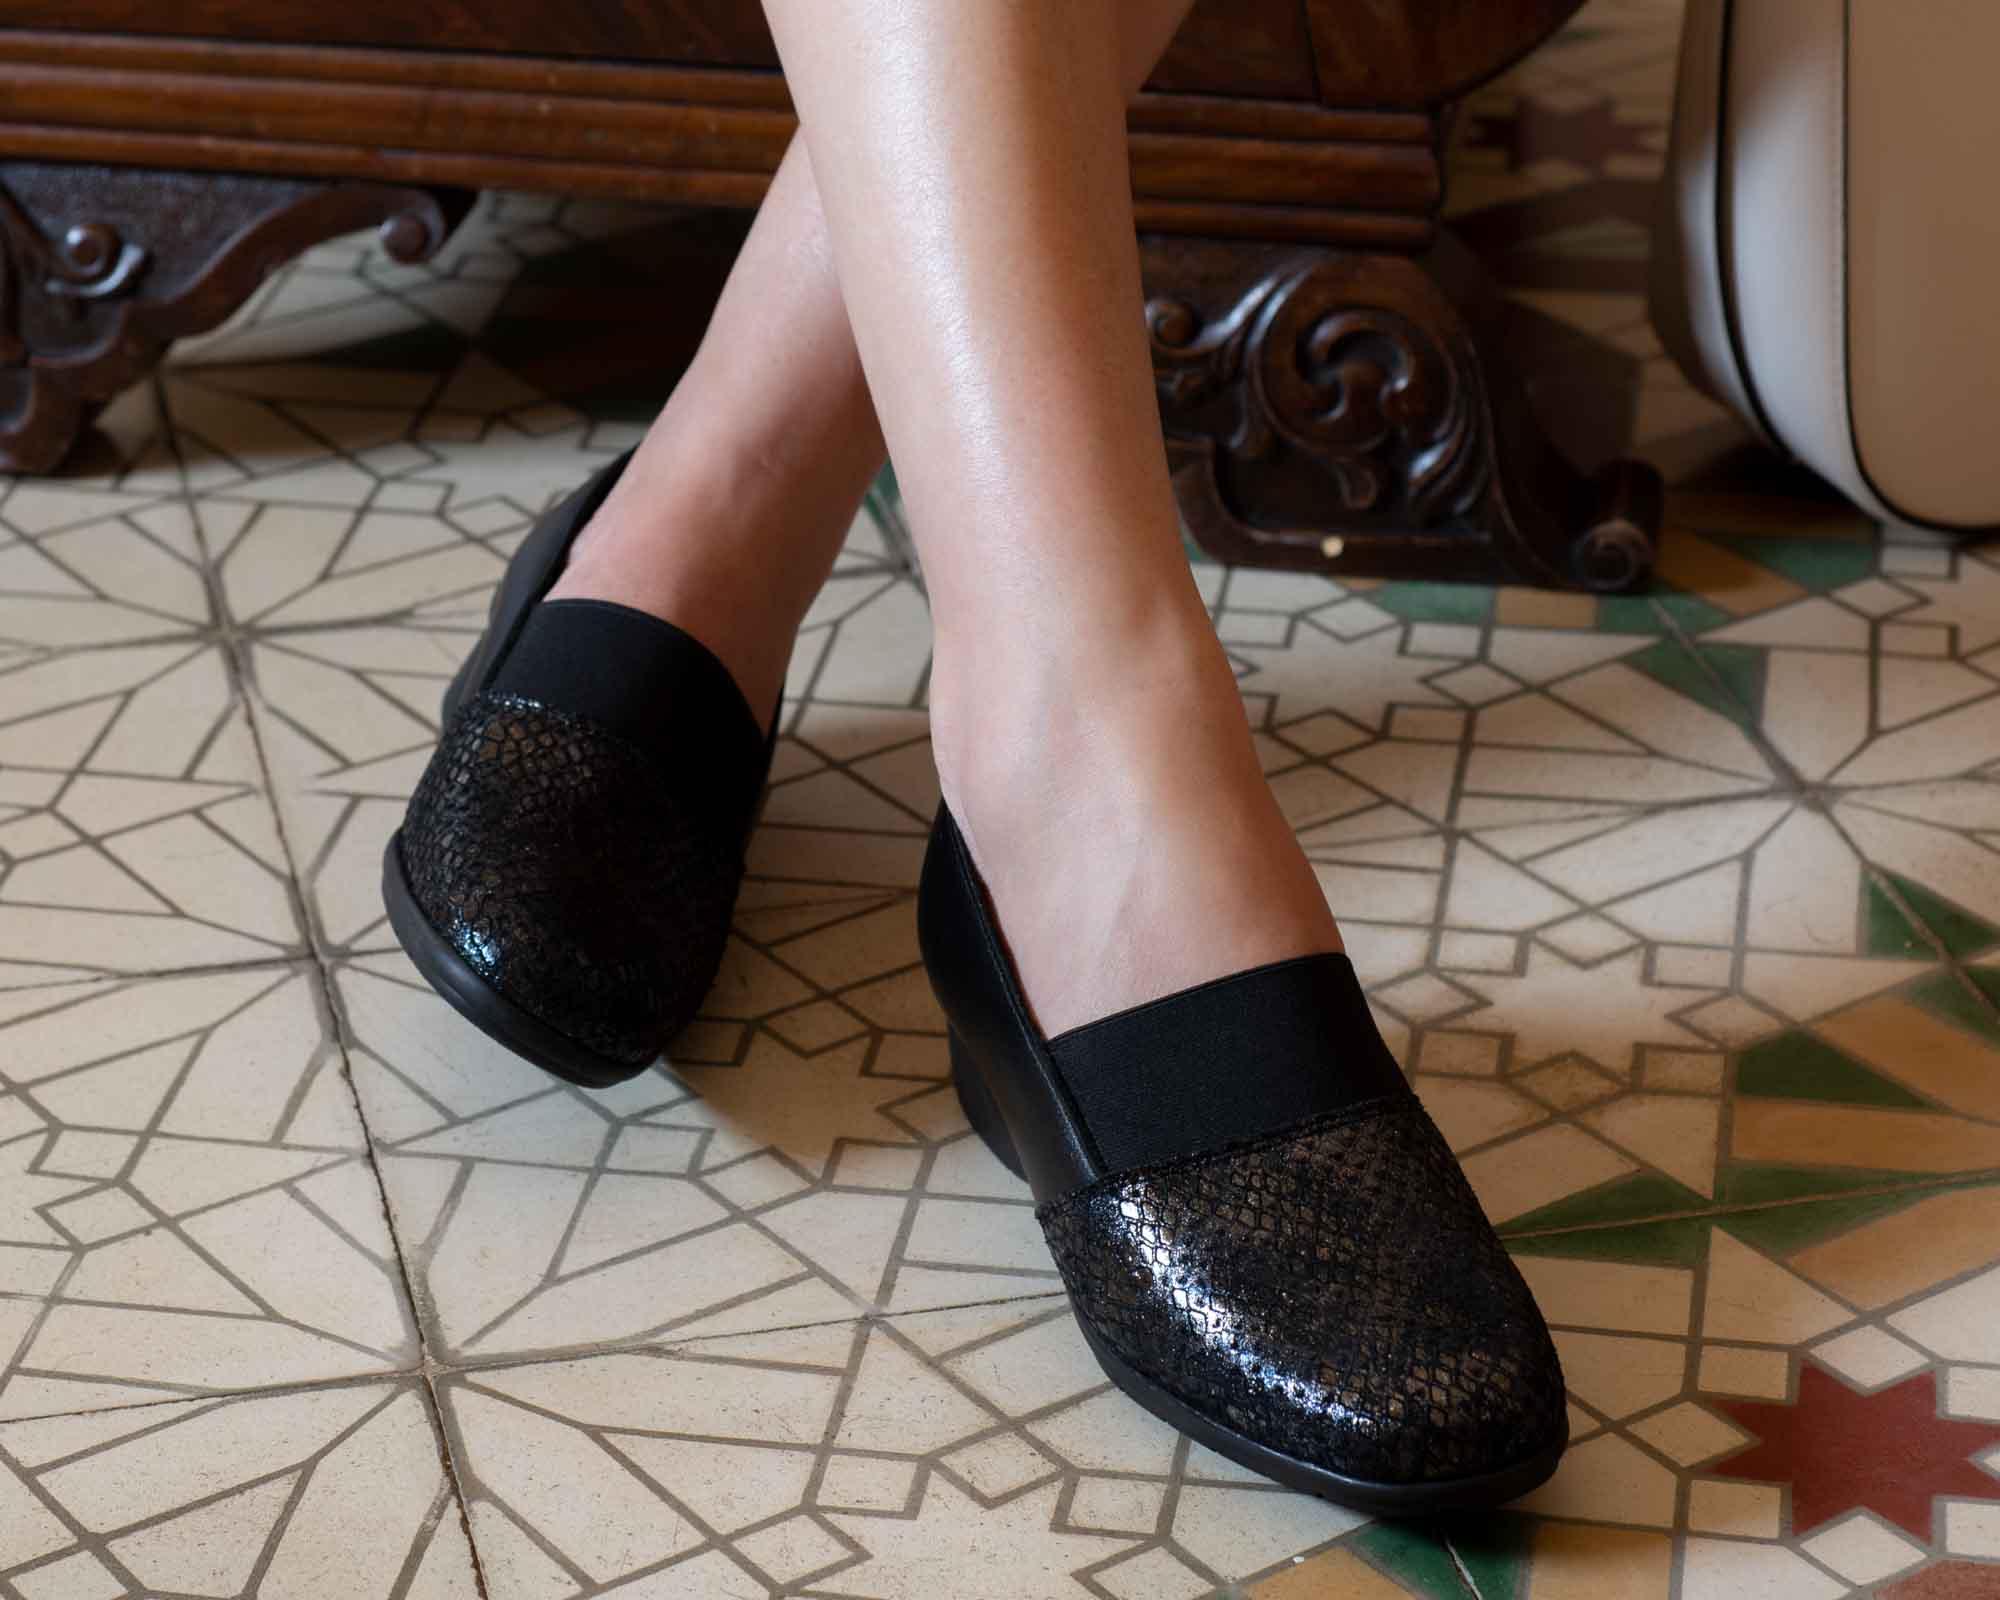 Piernas de mujer con zapatos negros elegantes, con baldosas marrones españoles